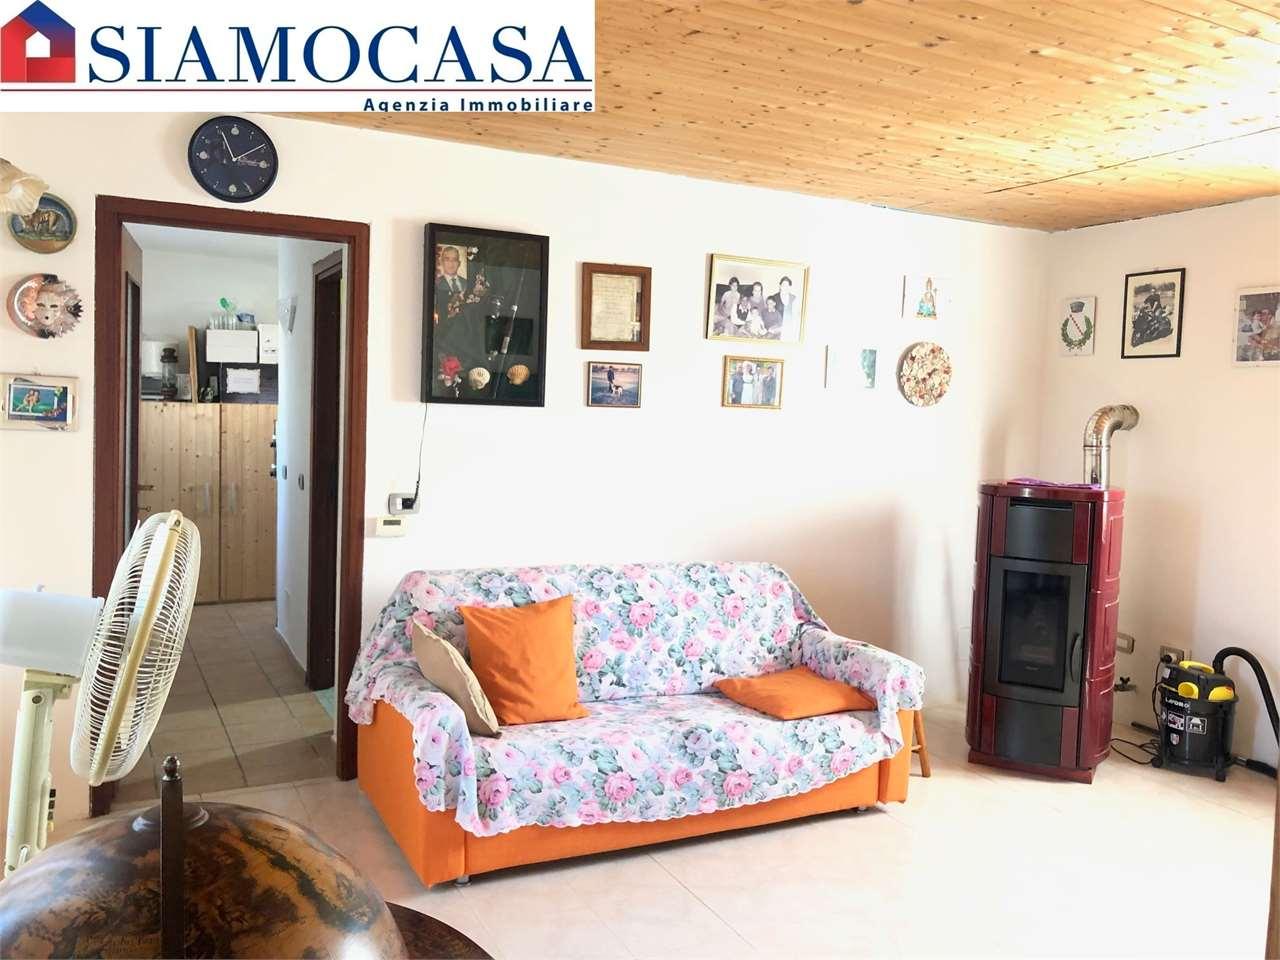 Soluzione Indipendente in vendita a Castellazzo Bormida, 5 locali, prezzo € 230.000 | PortaleAgenzieImmobiliari.it